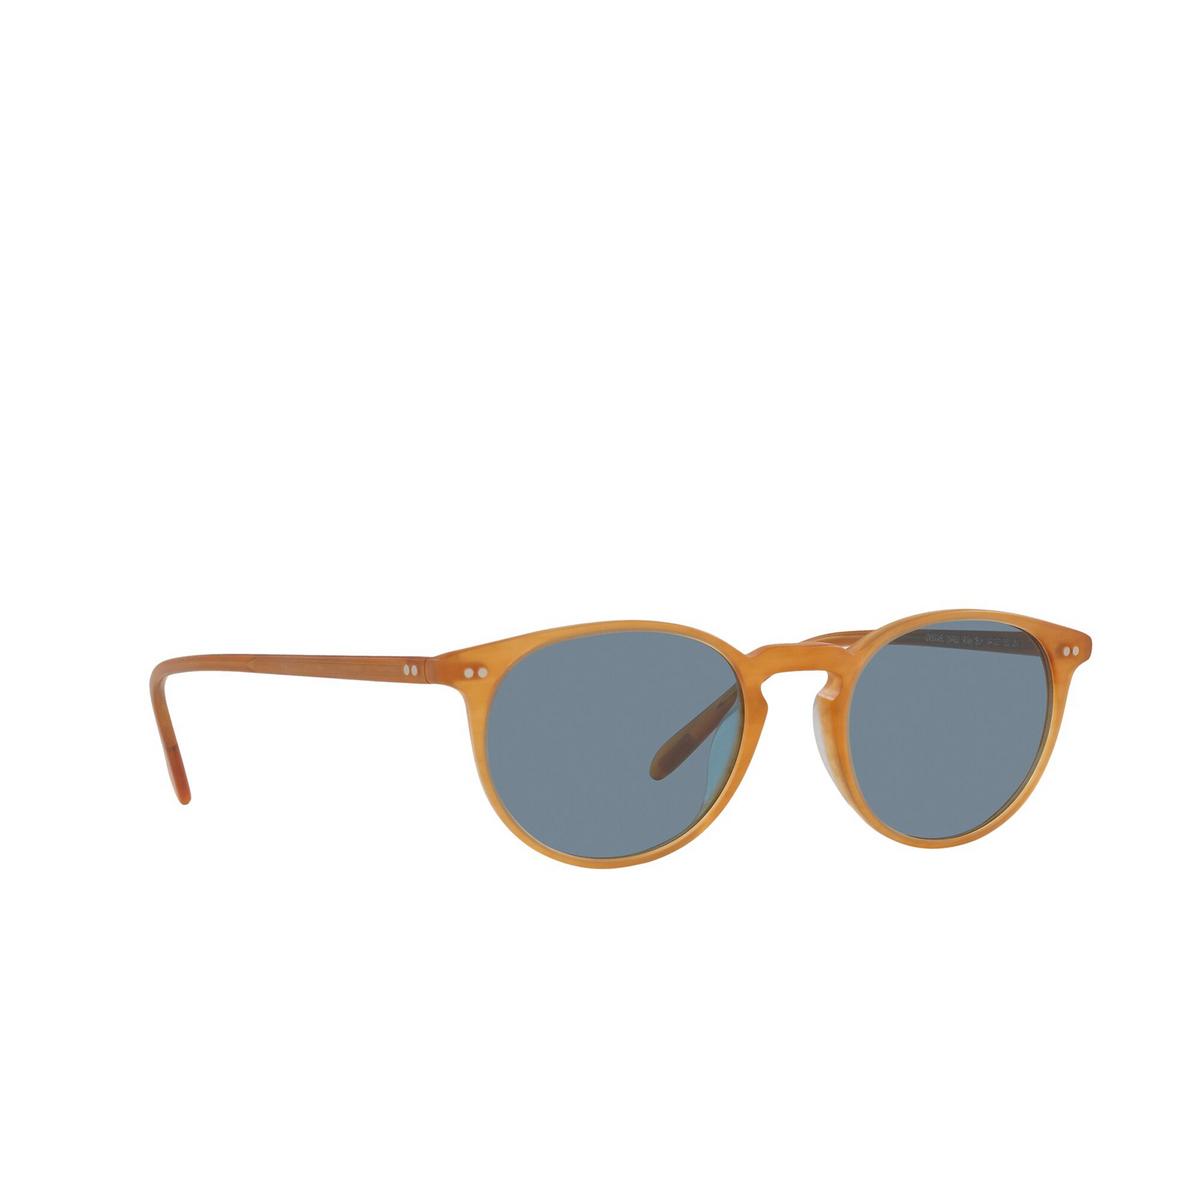 Oliver Peoples® Round Sunglasses: Riley Sun OV5004SU color Semi Matte Amber Tortoise 169956 - three-quarters view.